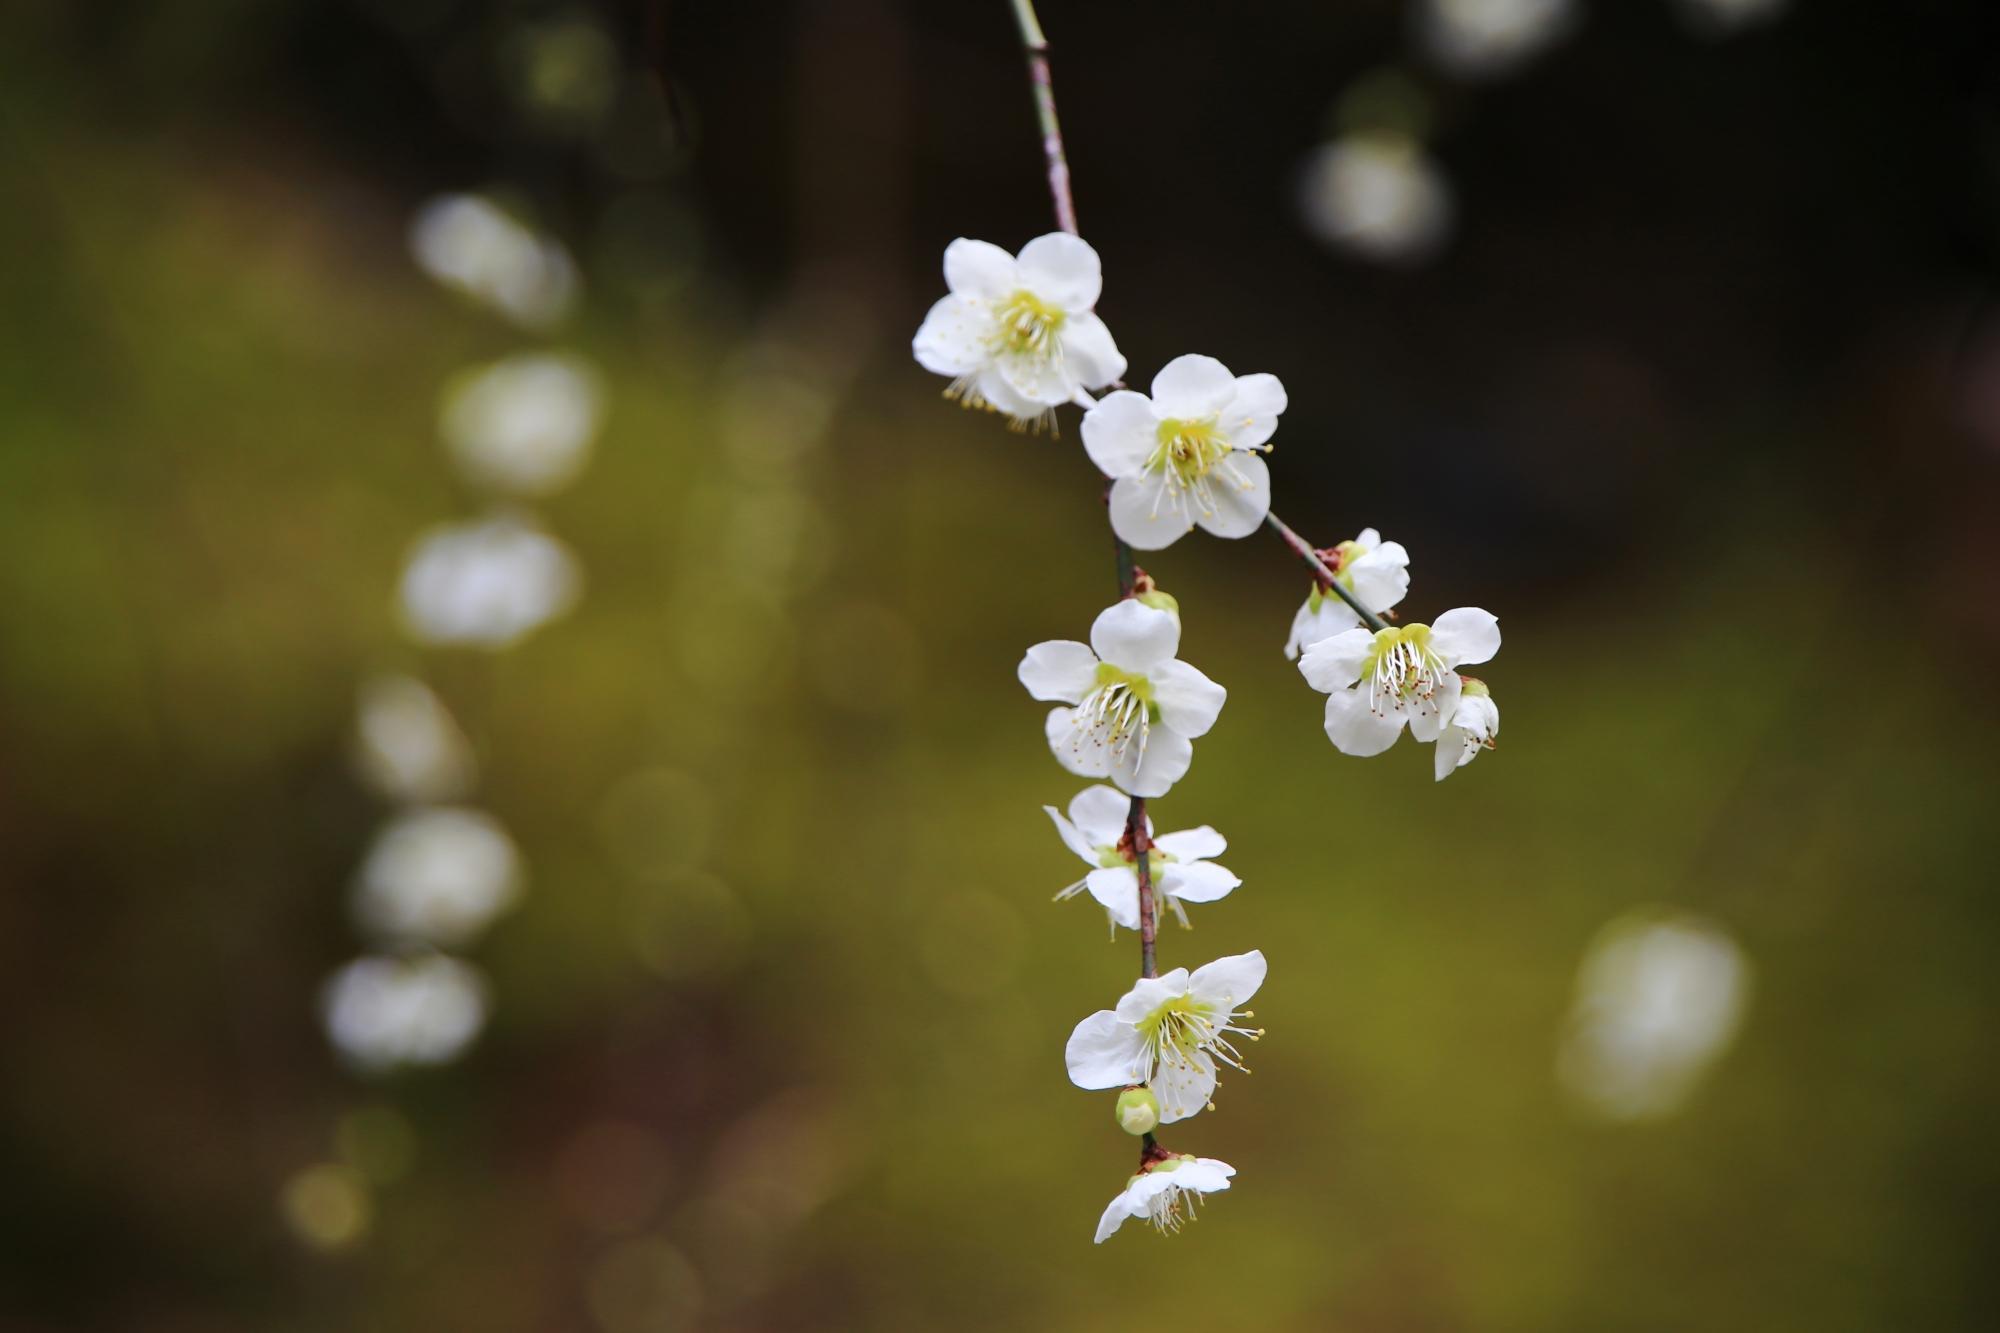 上品で芸術的な梅の枝と花